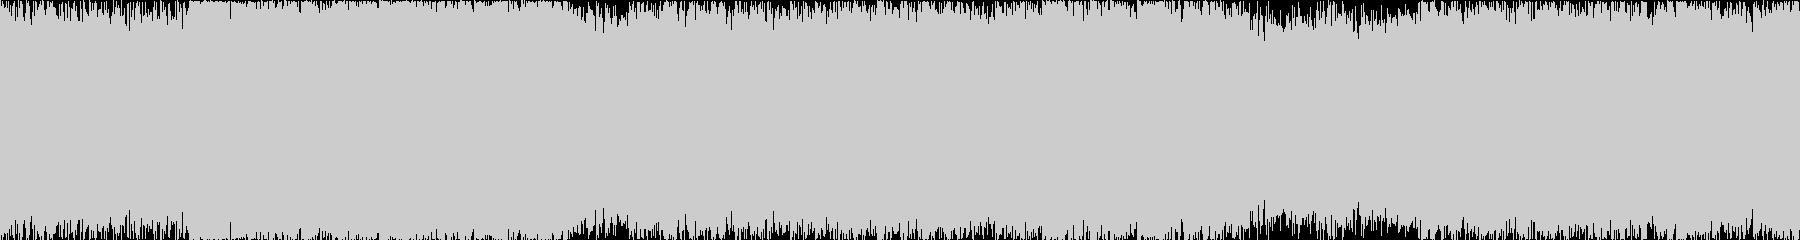 【ループ】壮大で激しく疾走感のある戦闘曲の未再生の波形